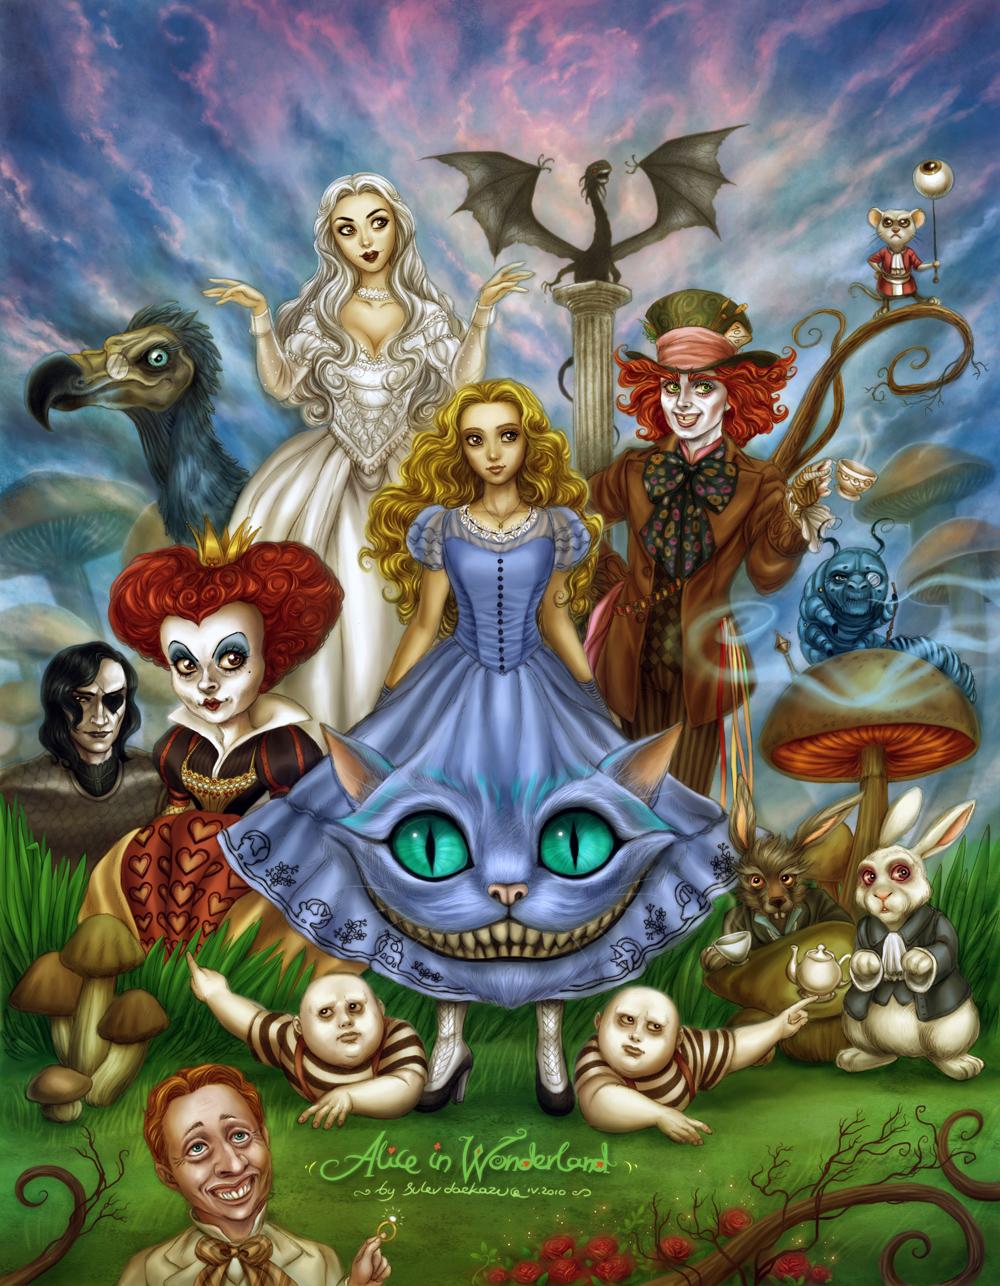 Best Alice in wonderland ideas on Pinterest Wonderland